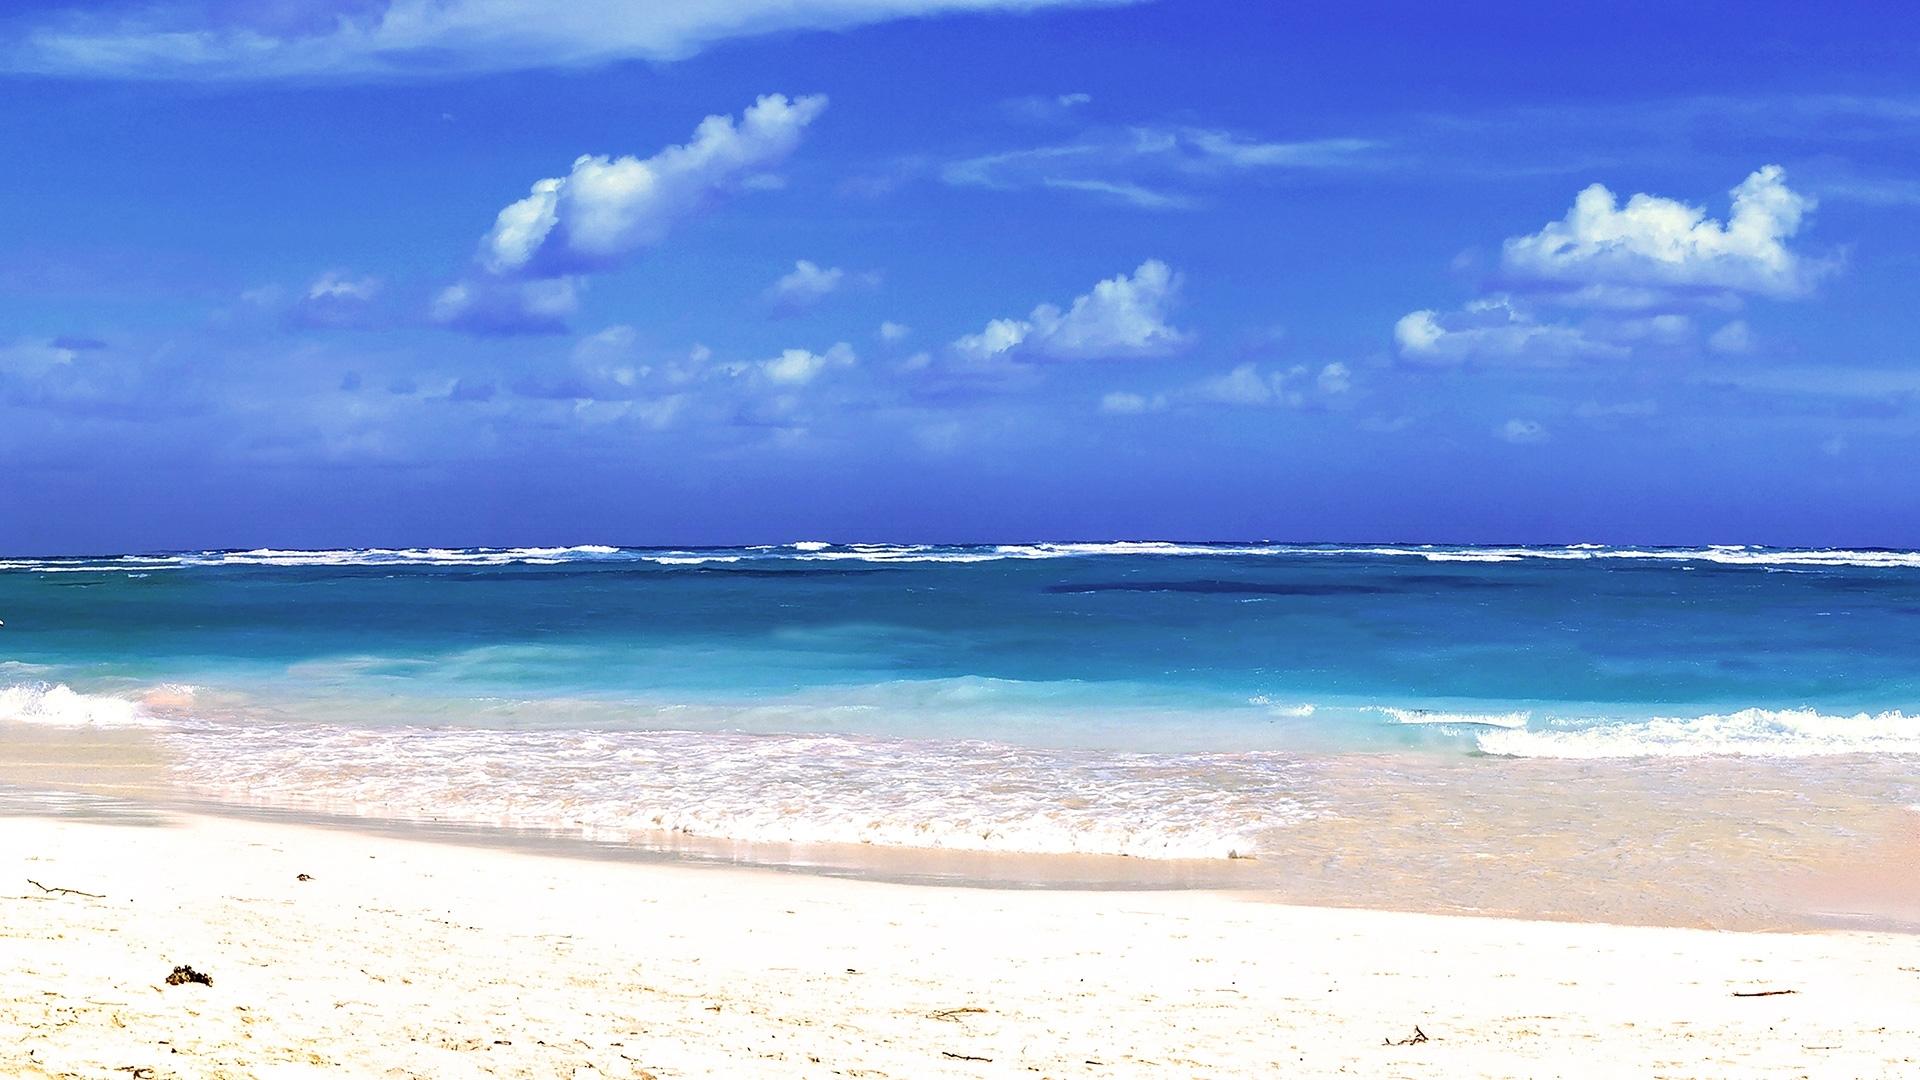 29377 скачать обои Пейзаж, Море, Пляж - заставки и картинки бесплатно